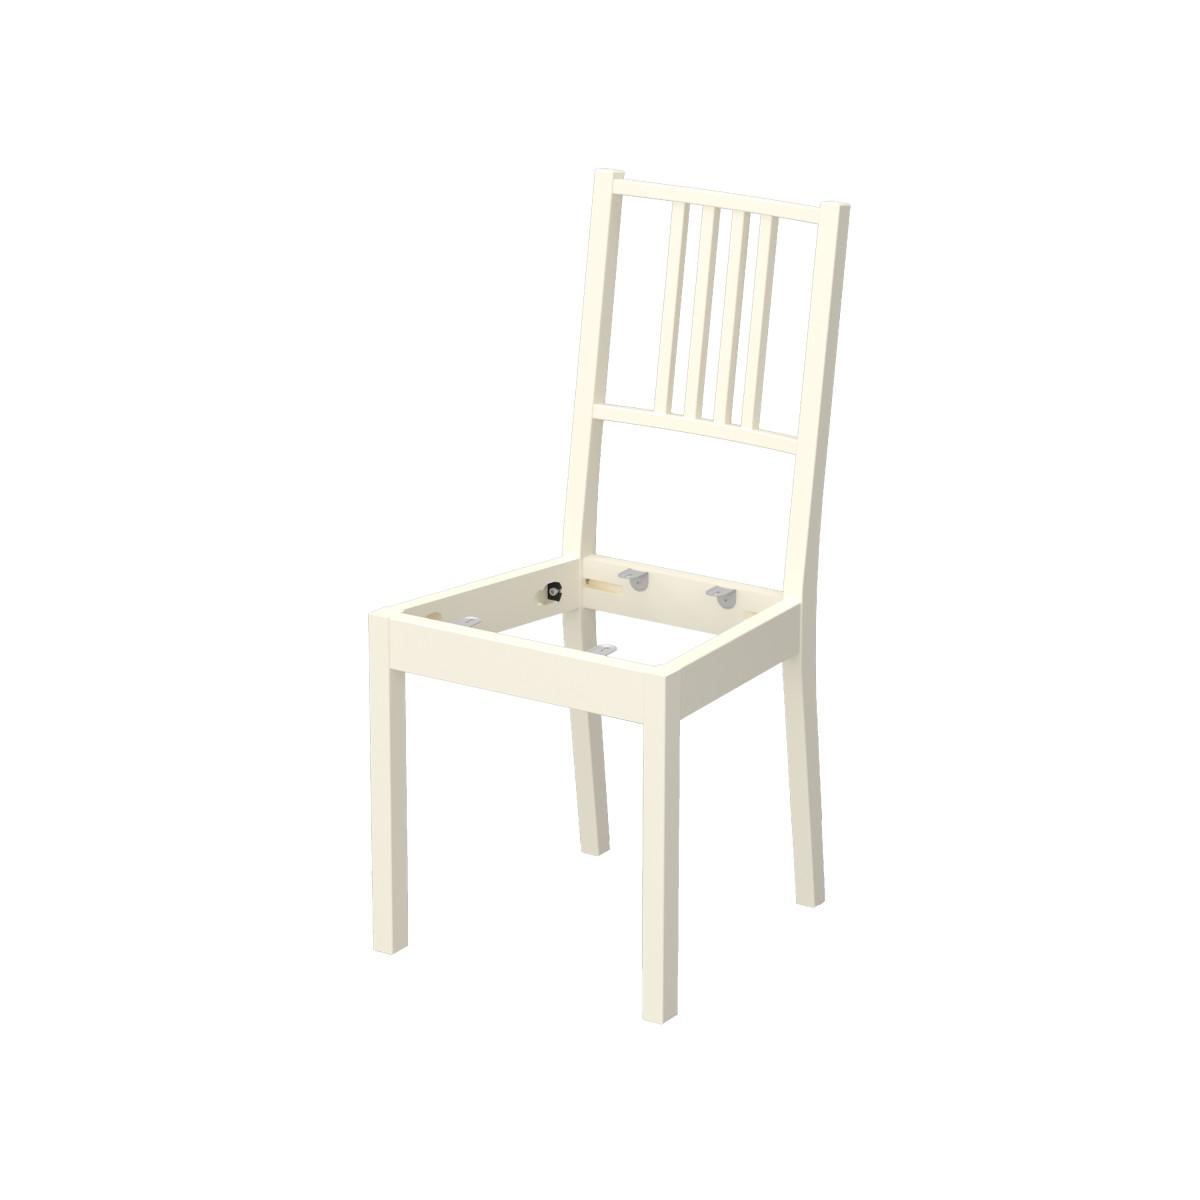 Основание стула Delinia Марсель 43х90 см цвет слоновая кость